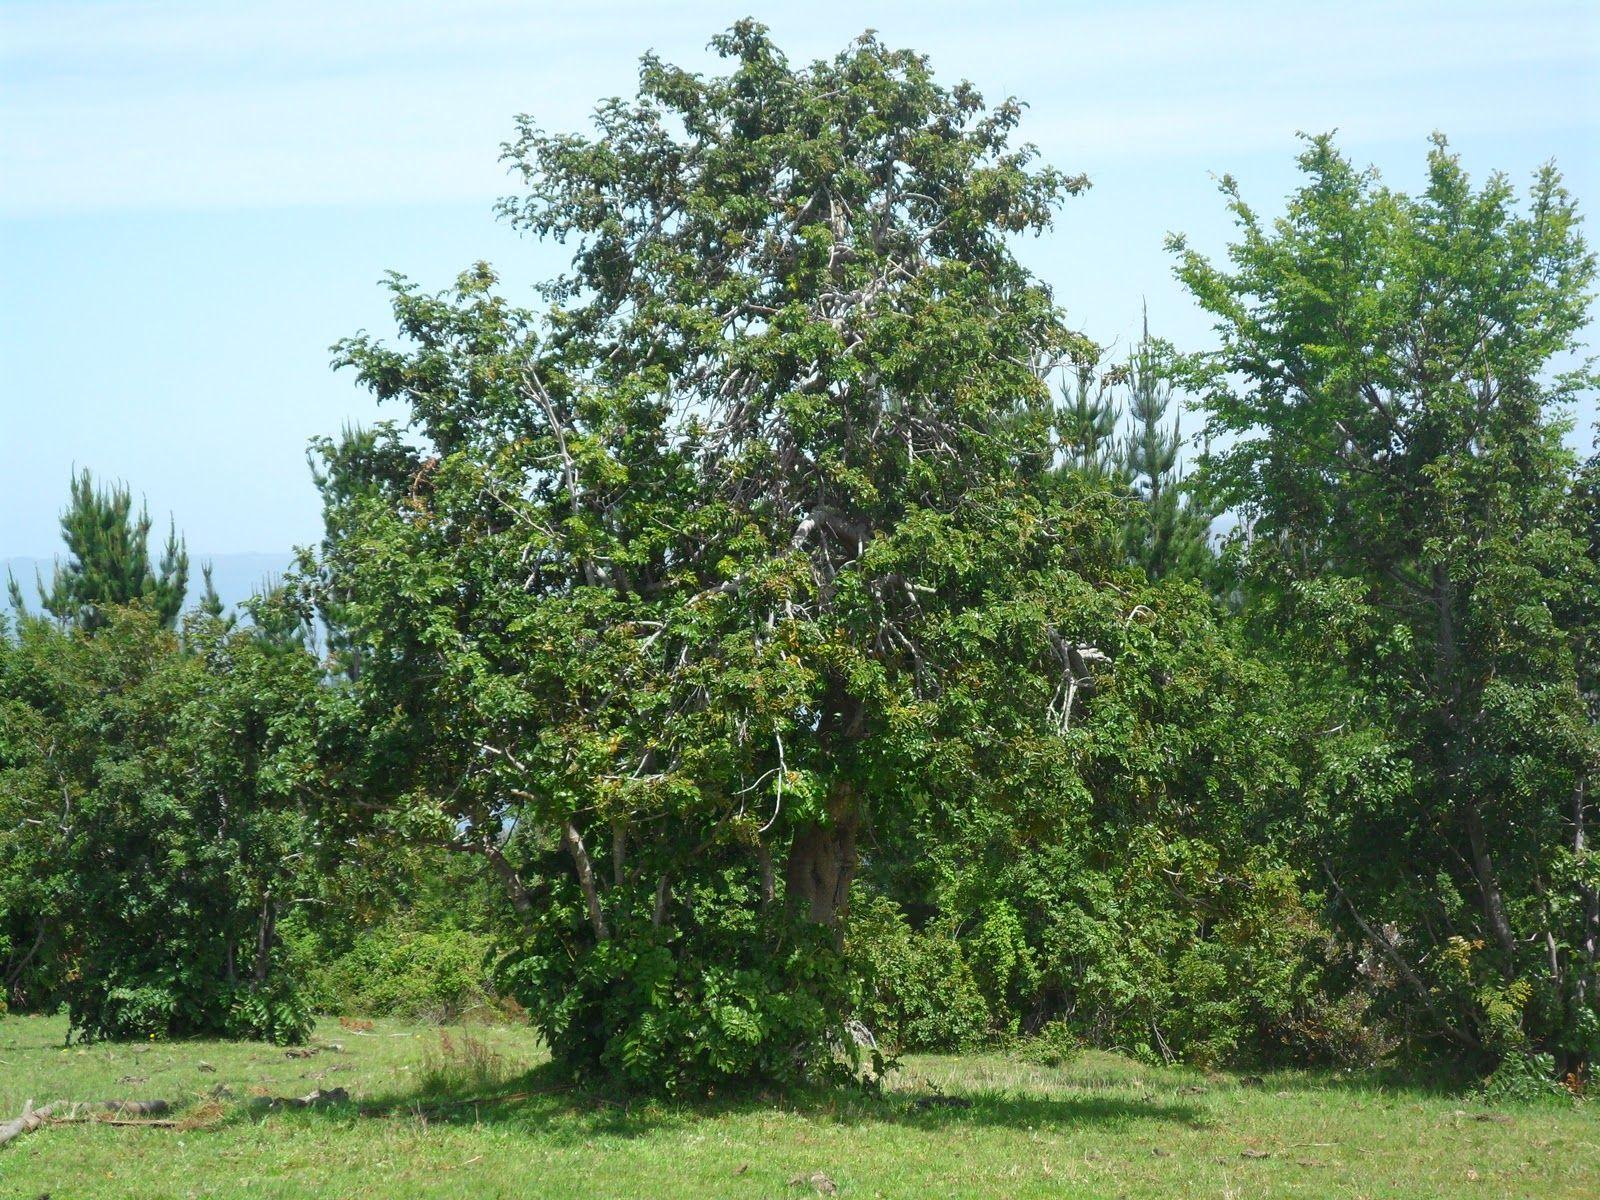 Avellano (Corylus avellana)